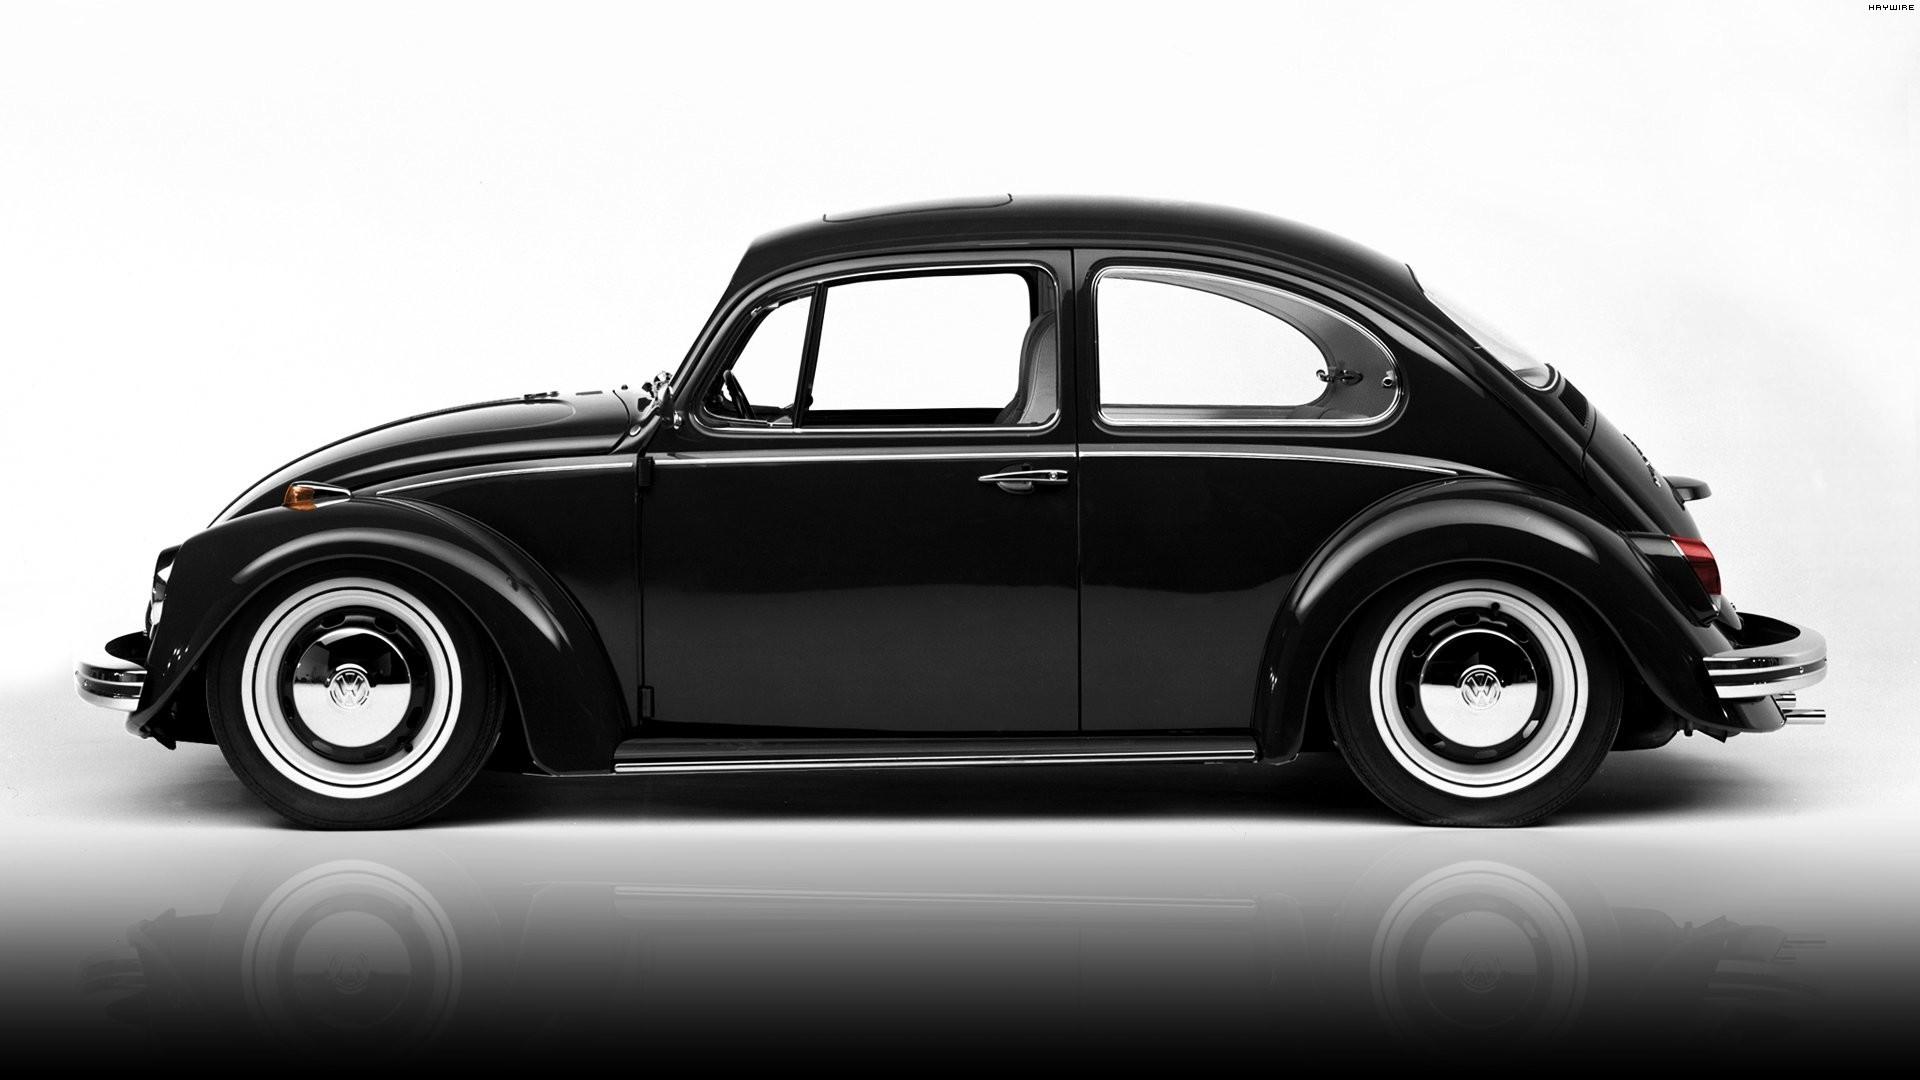 Volkswagen Beetle '68 wallpaper | | 564584 | WallpaperUP